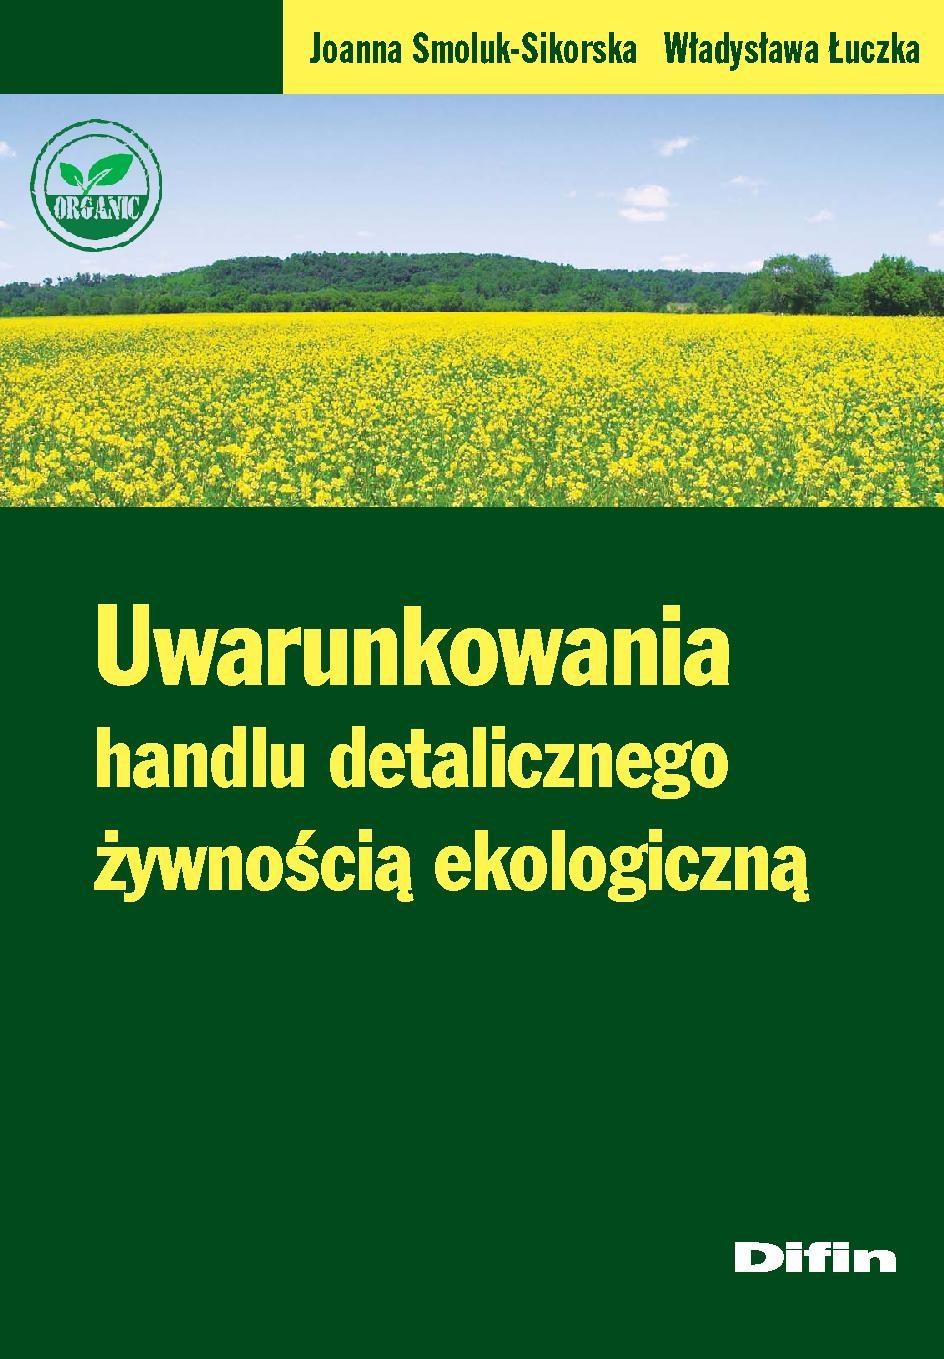 Uwarunkowania handlu detalicznego żywnością ekologiczną - Ebook (Książka PDF) do pobrania w formacie PDF